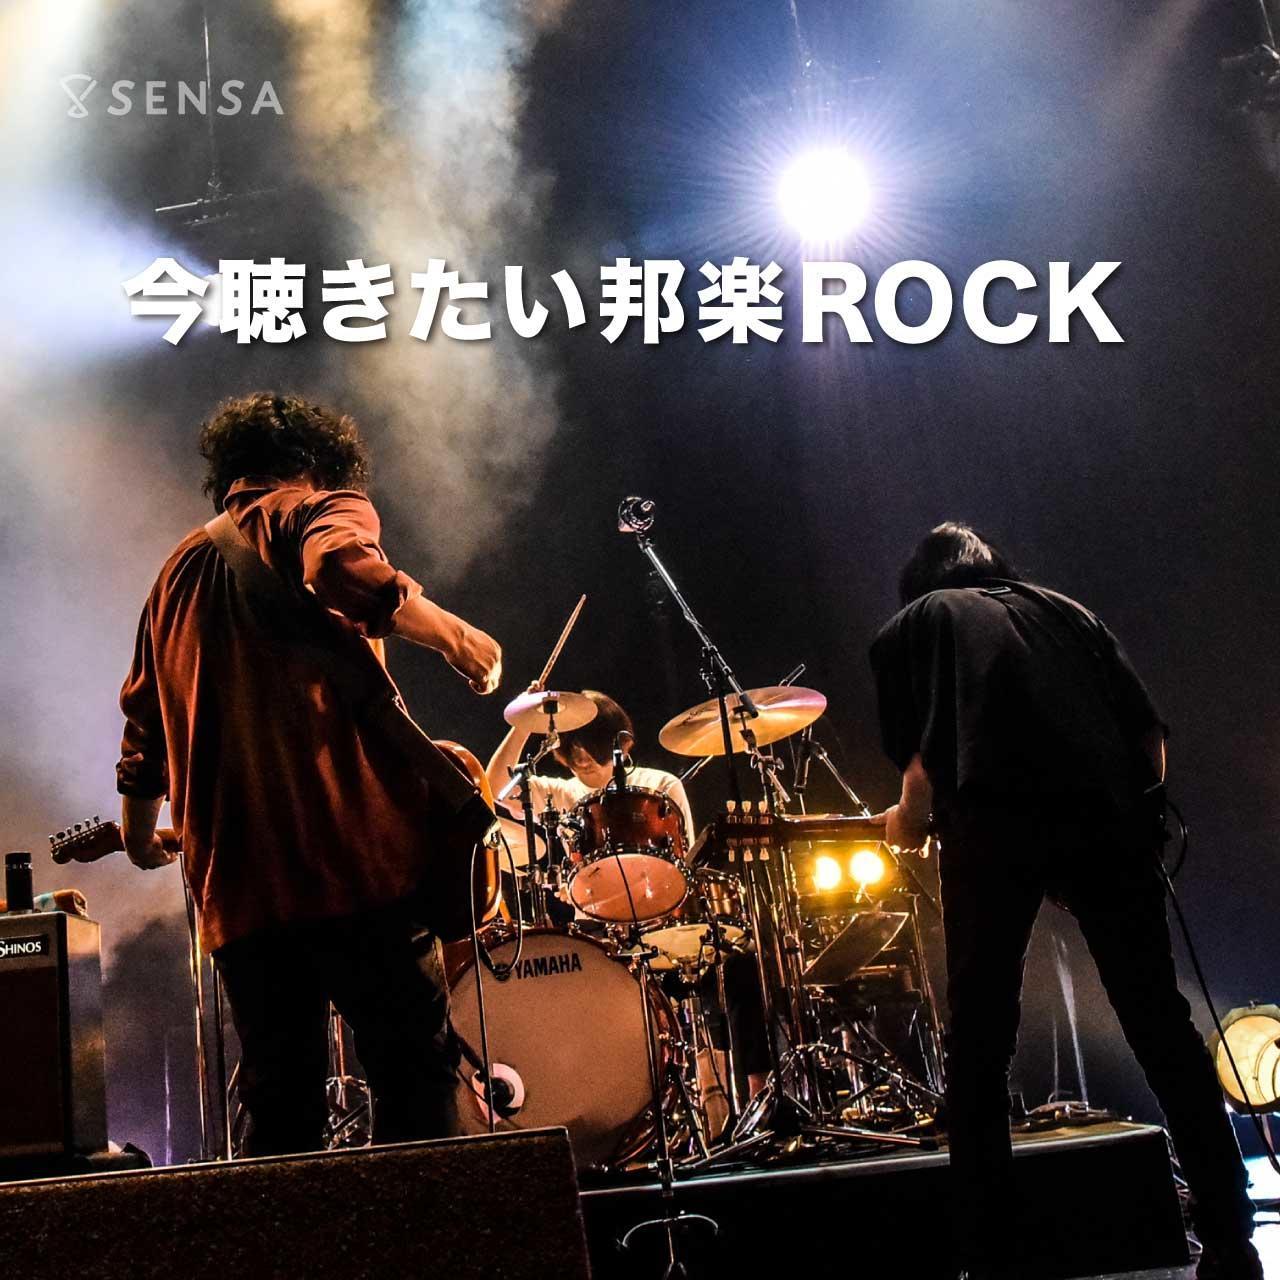 sensa_web_playlists_horock_2001_3s.jpg